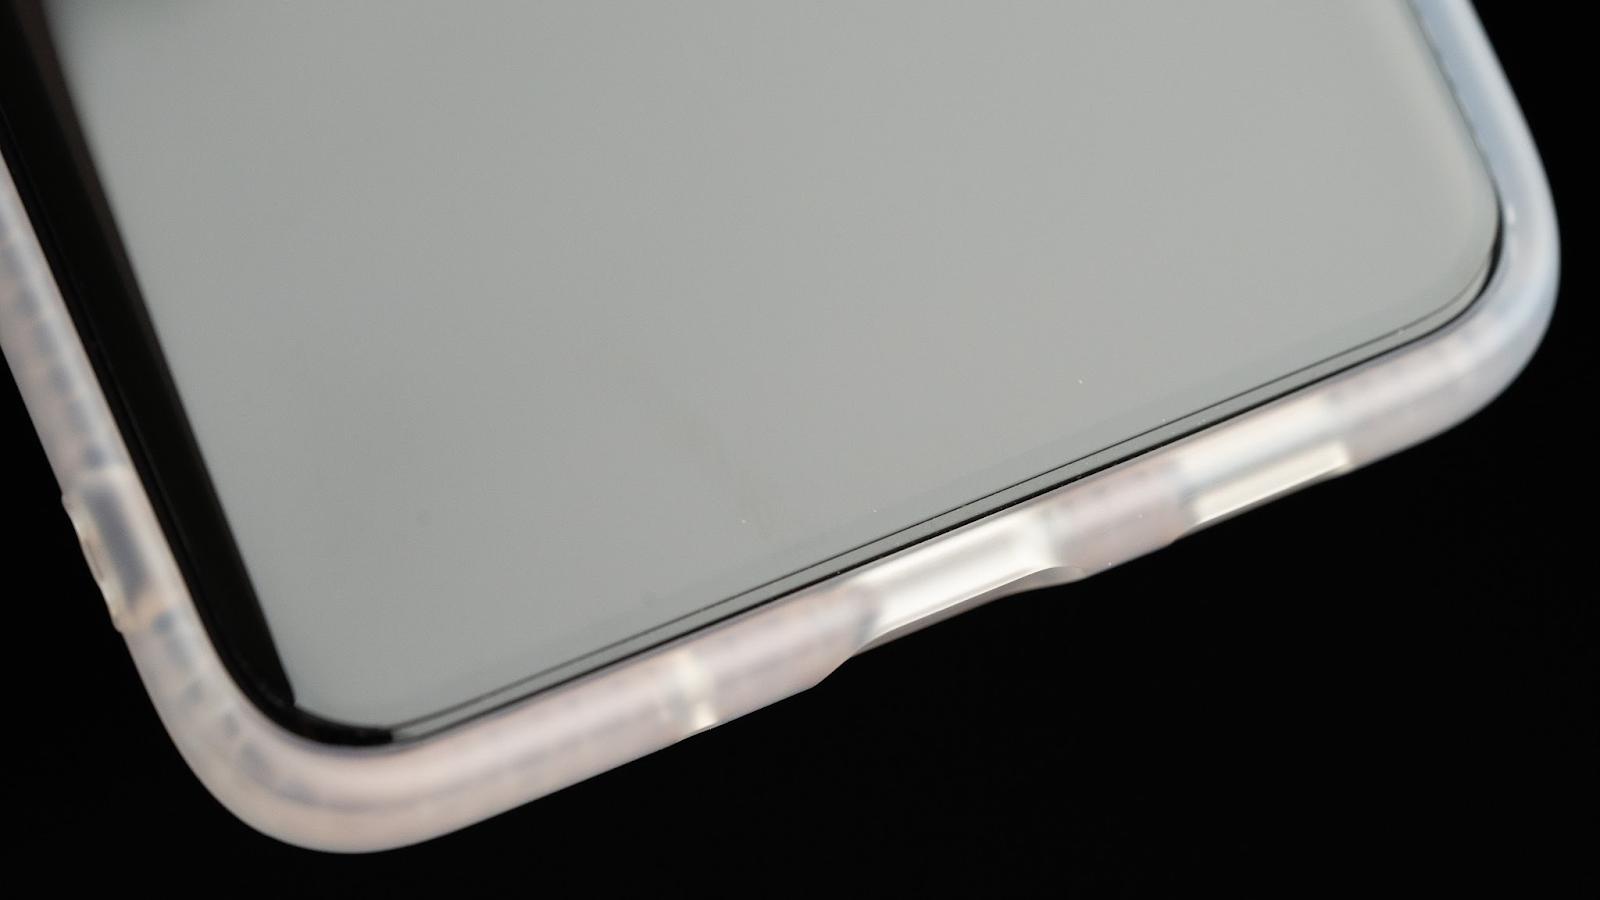 全面防護 hoda Galaxy S20 系列「柔石軍規防摔保護殼」、「3D UV 膠玻璃保護貼」全色系|科技狗 - 20